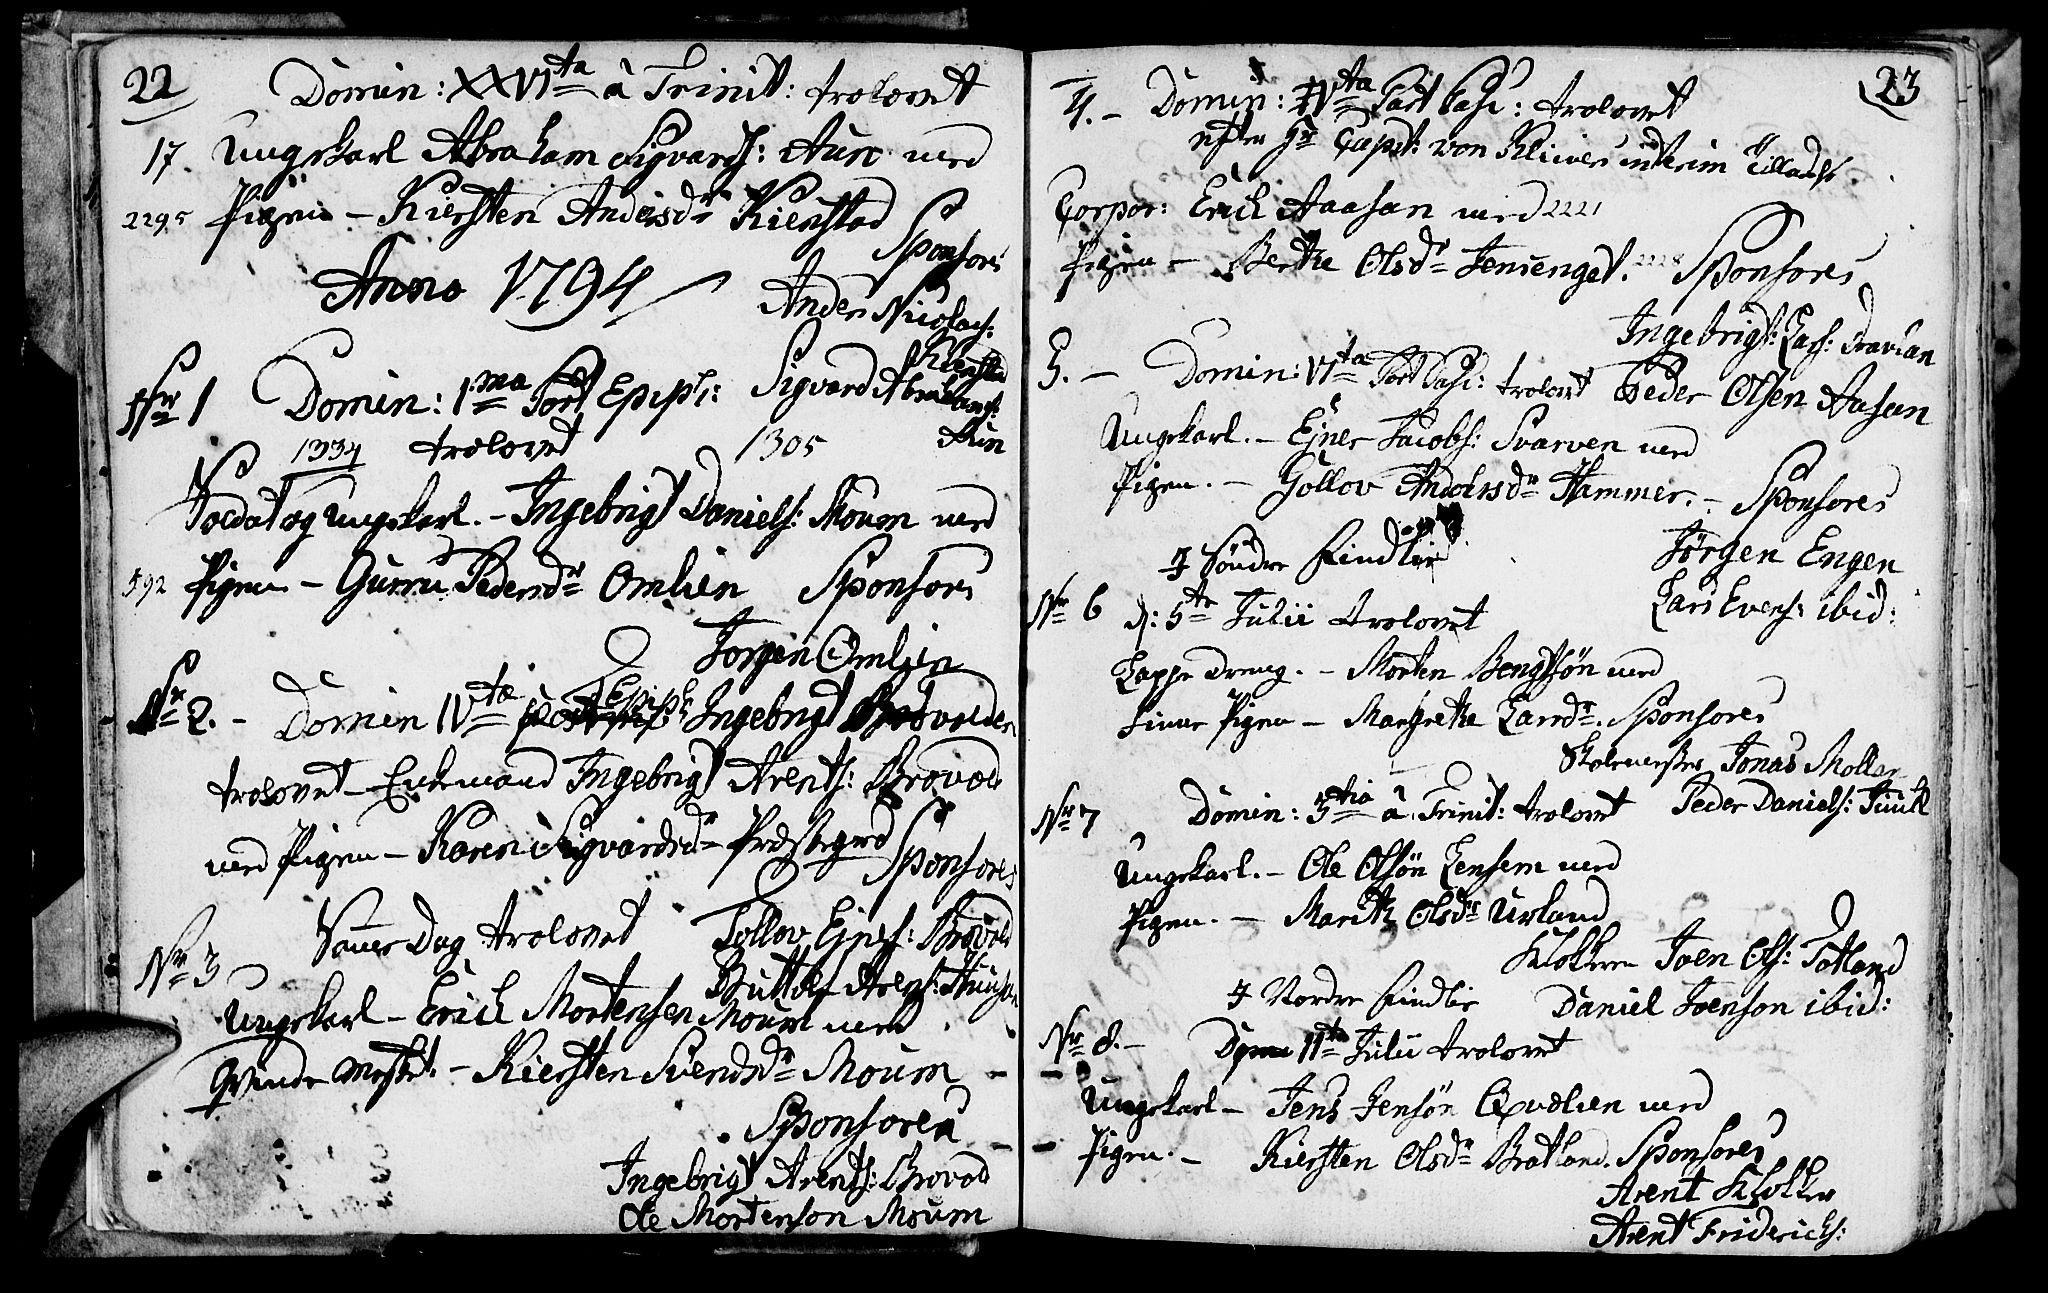 SAT, Ministerialprotokoller, klokkerbøker og fødselsregistre - Nord-Trøndelag, 749/L0468: Ministerialbok nr. 749A02, 1787-1817, s. 22-23